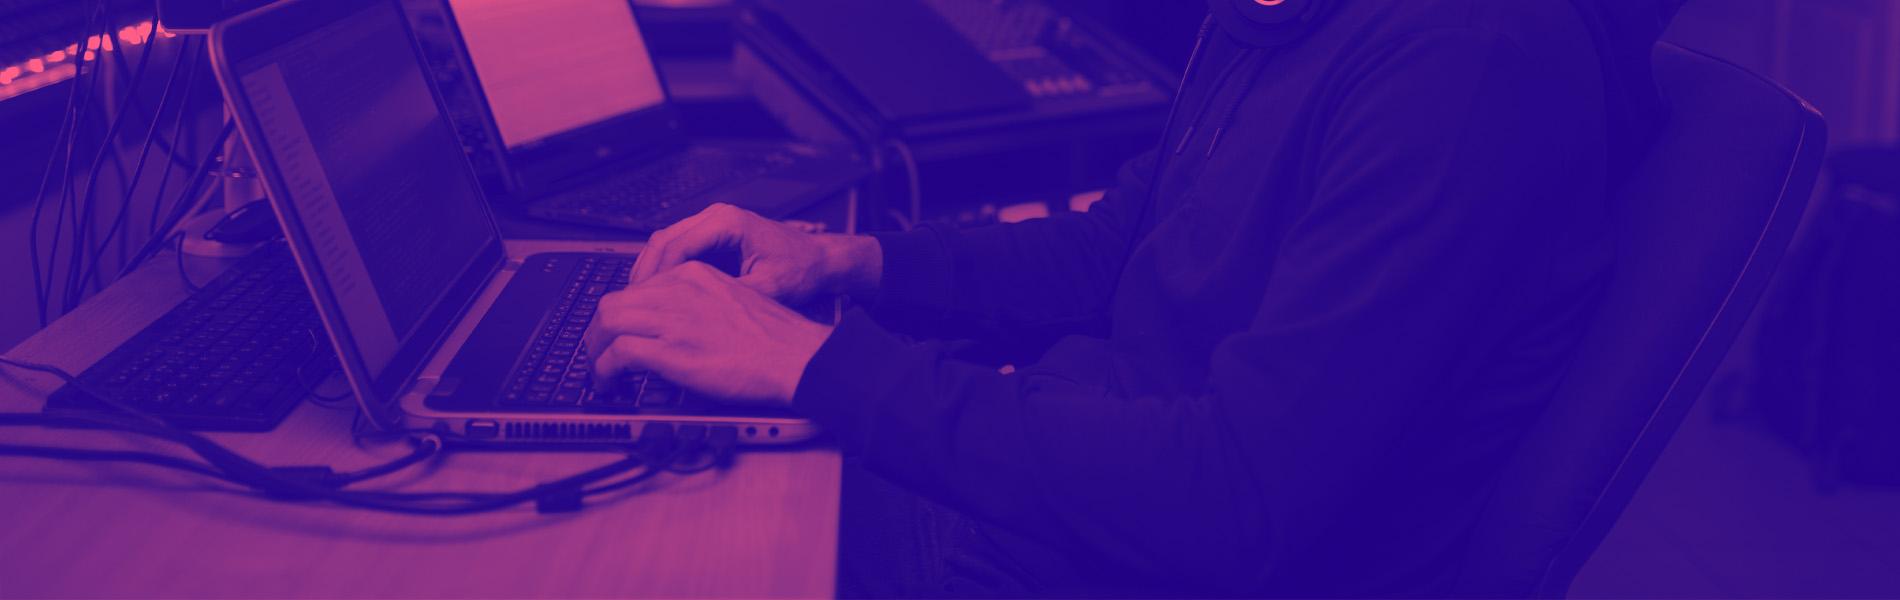 ¿Qué es SDK? Descubre los kits de desarrollo de software